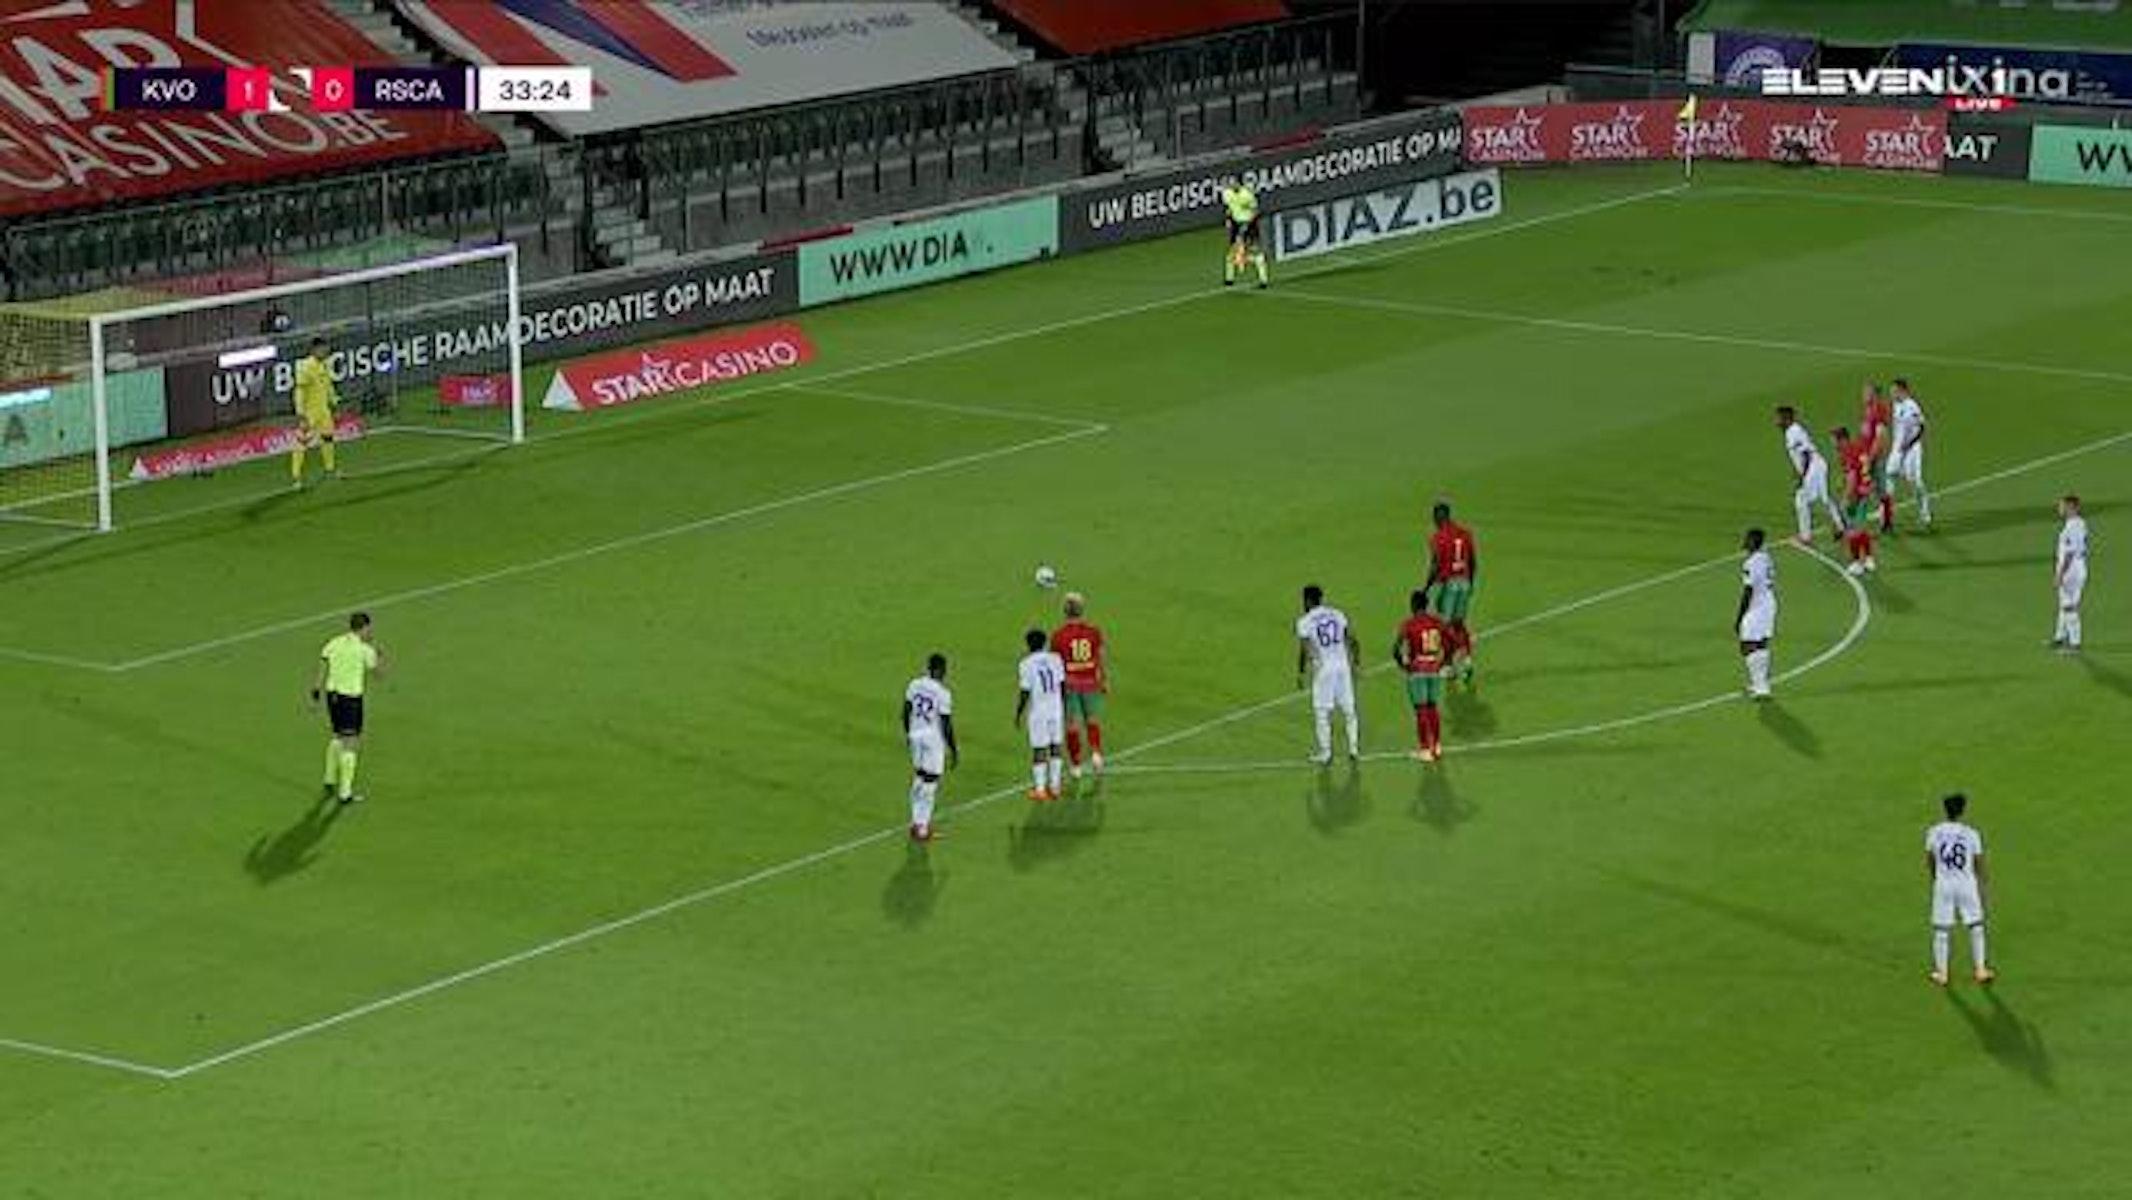 Doelpunt Makhtar Gueye (KV Oostende vs. RSC Anderlecht)